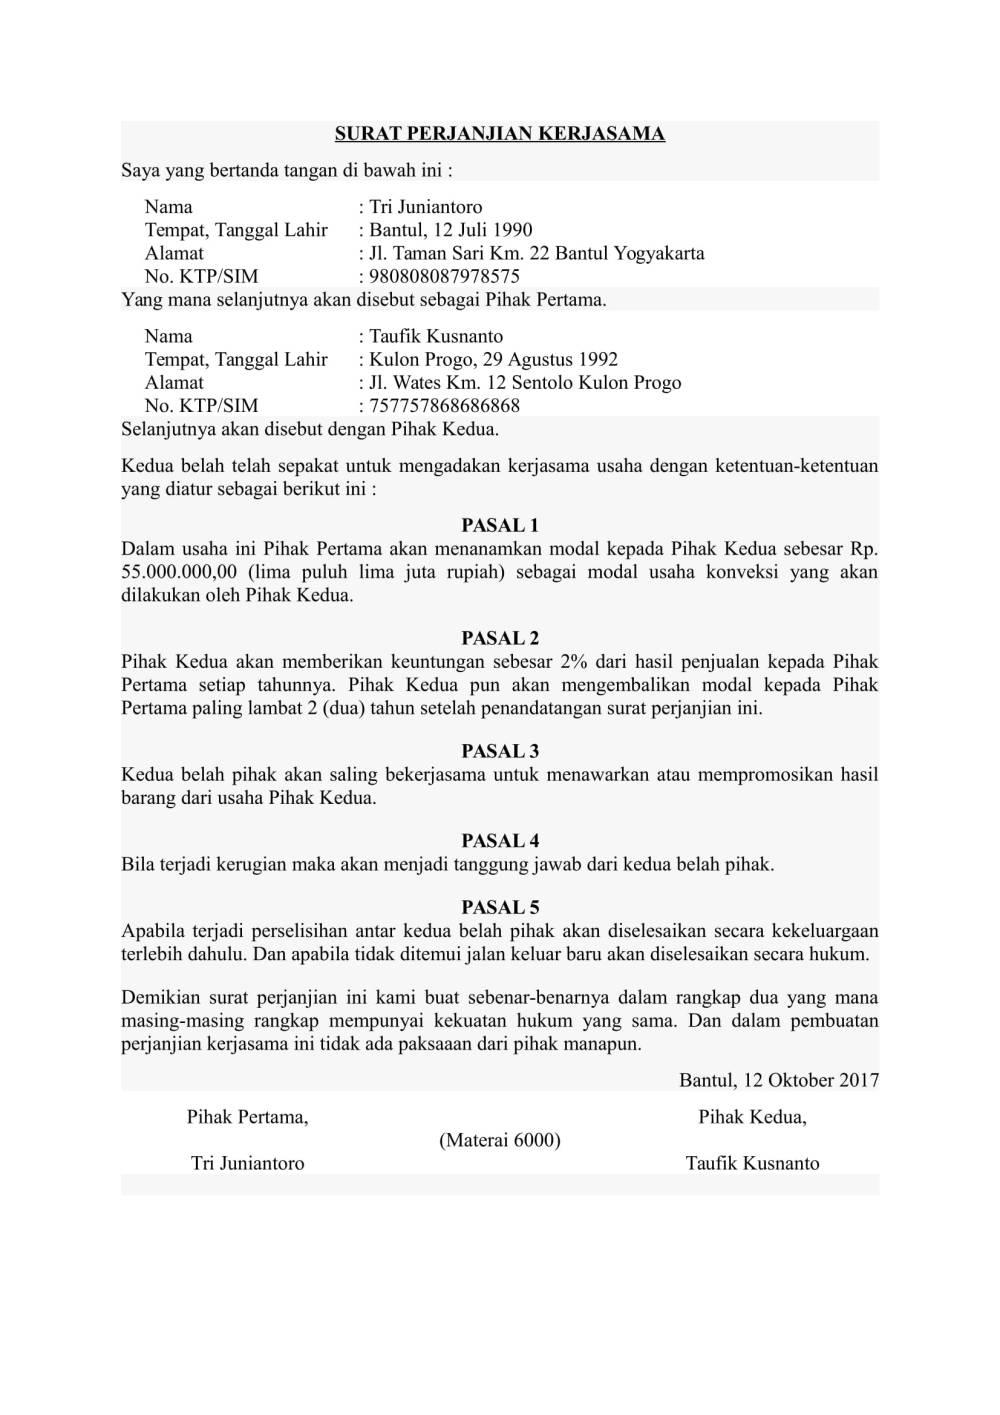 7. Contoh Surat Perjanjian Kerjasama Usaha Bersama